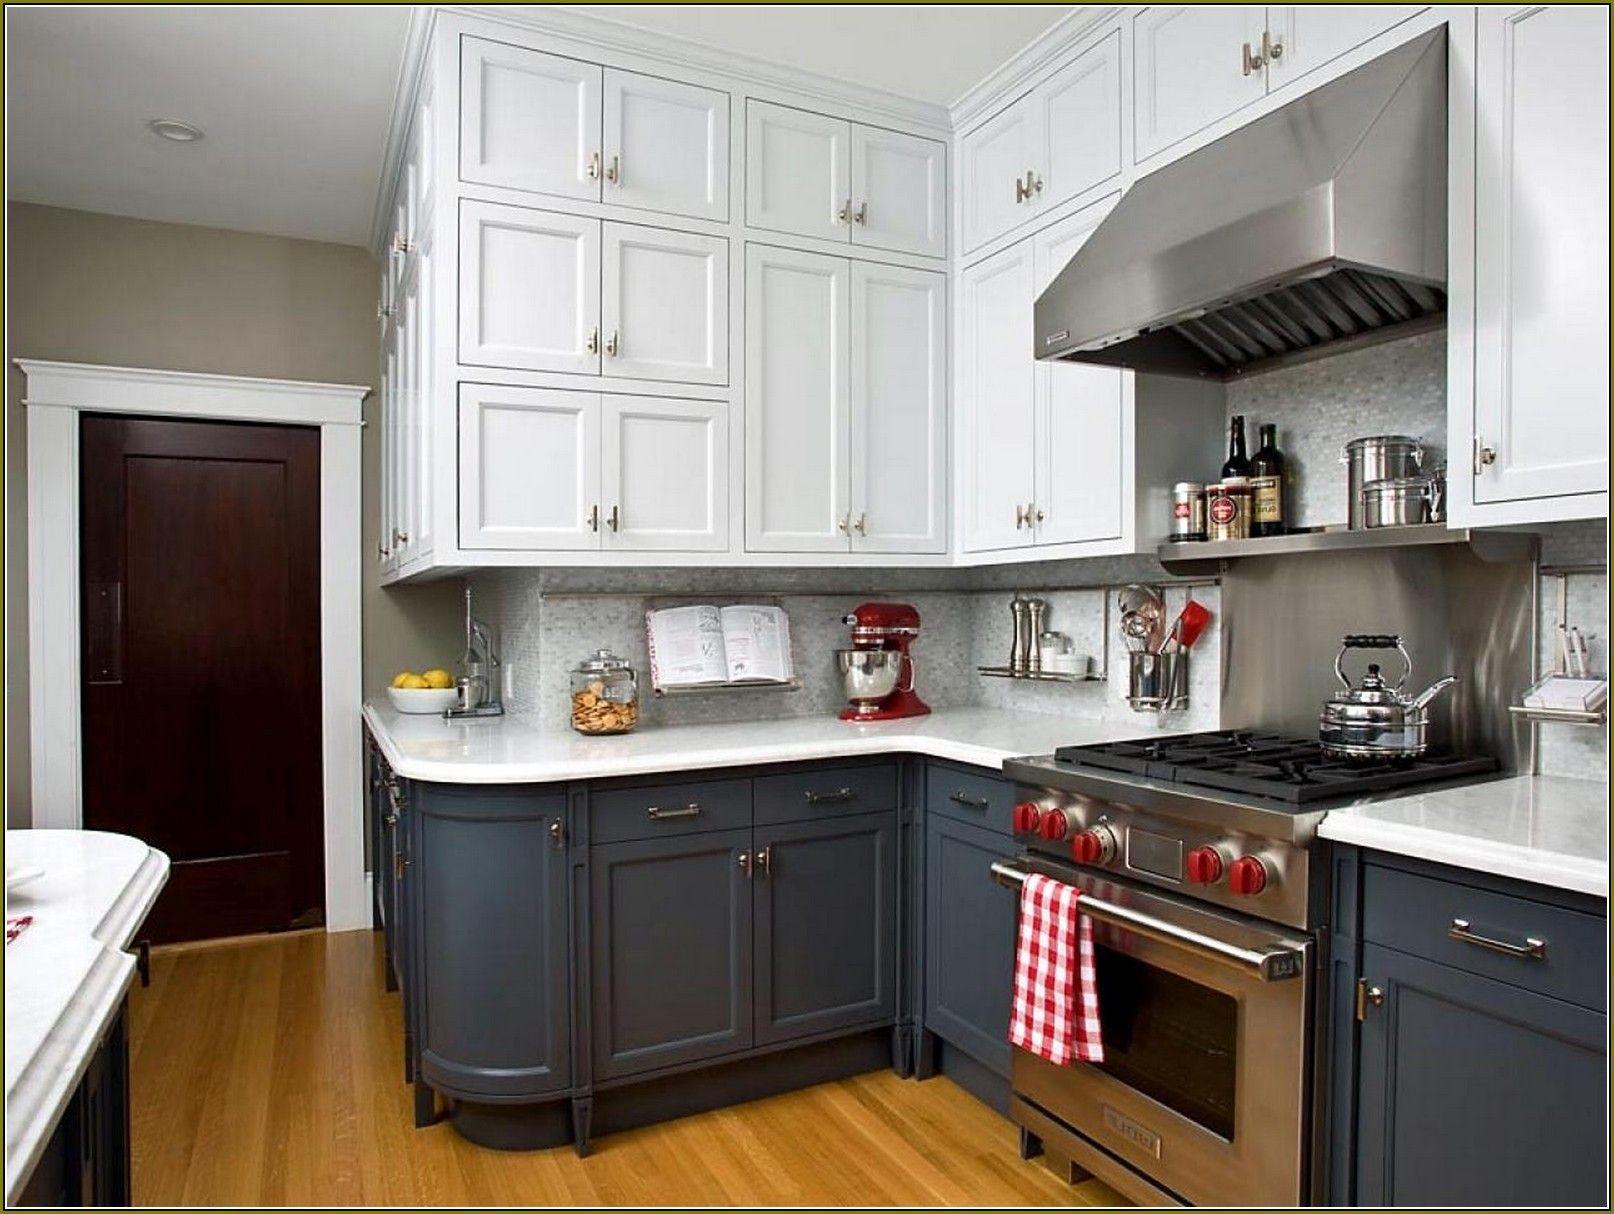 U küchendesign-ideen  einzigartige küche kabinett farben ideen  rote farben bringen